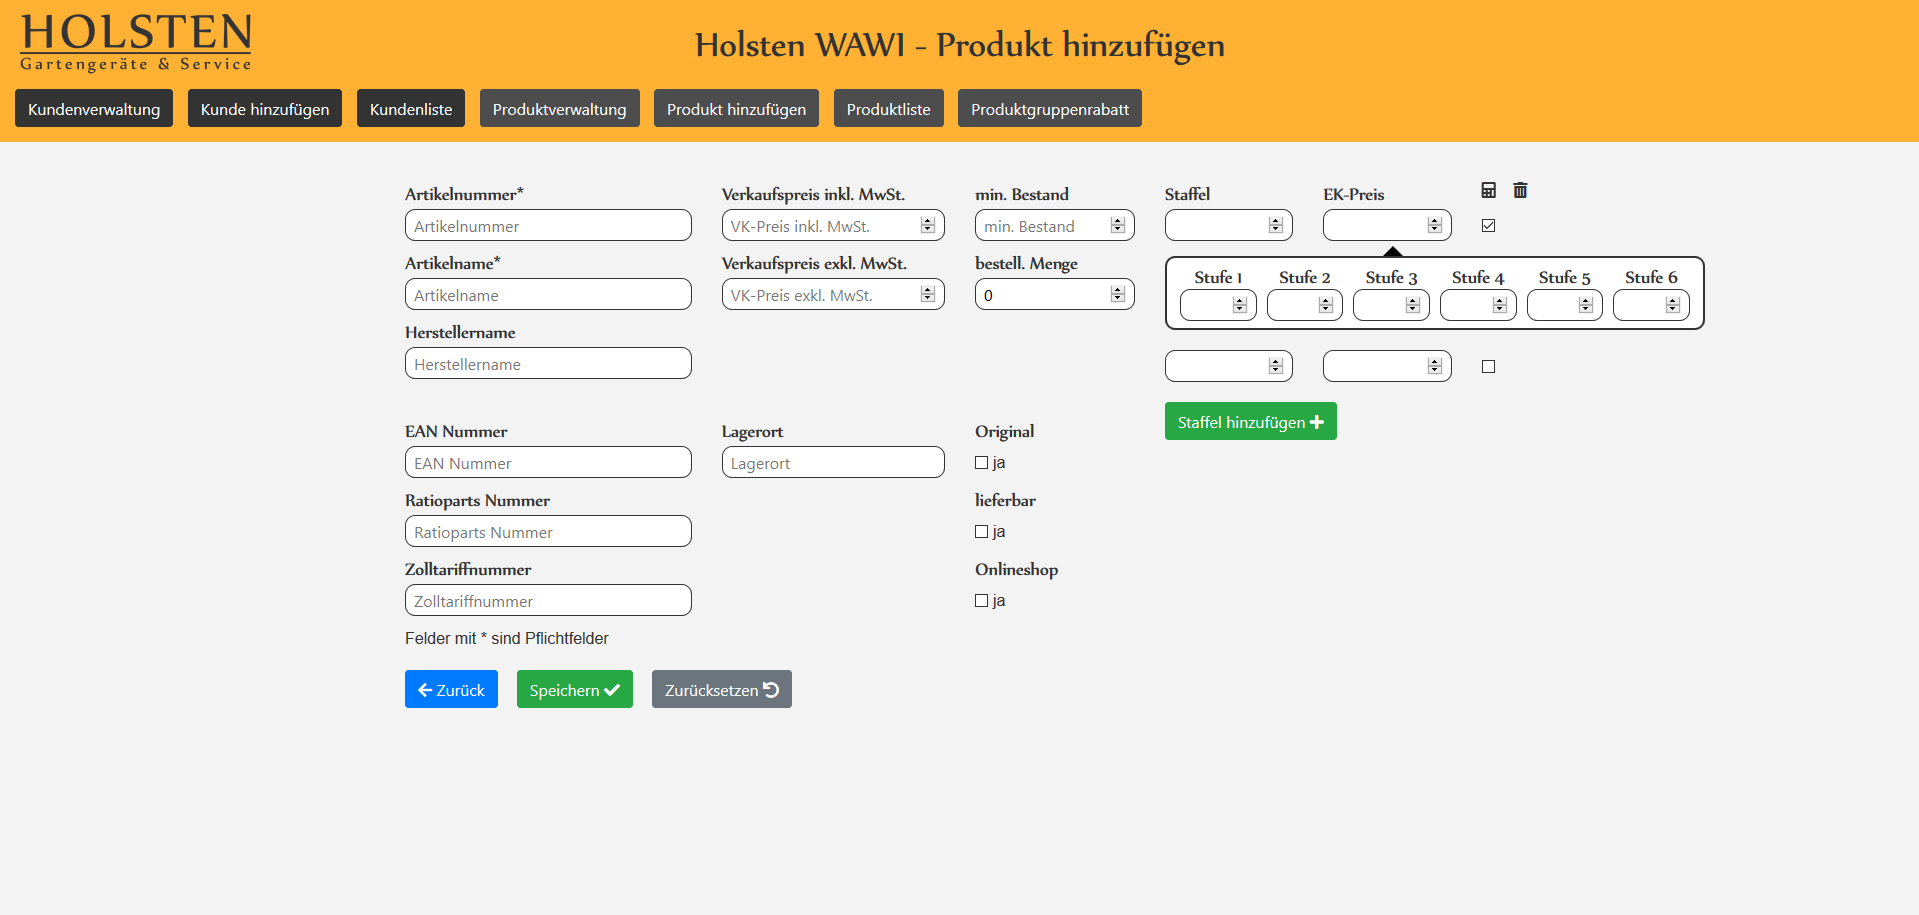 Holsten-wawi-05